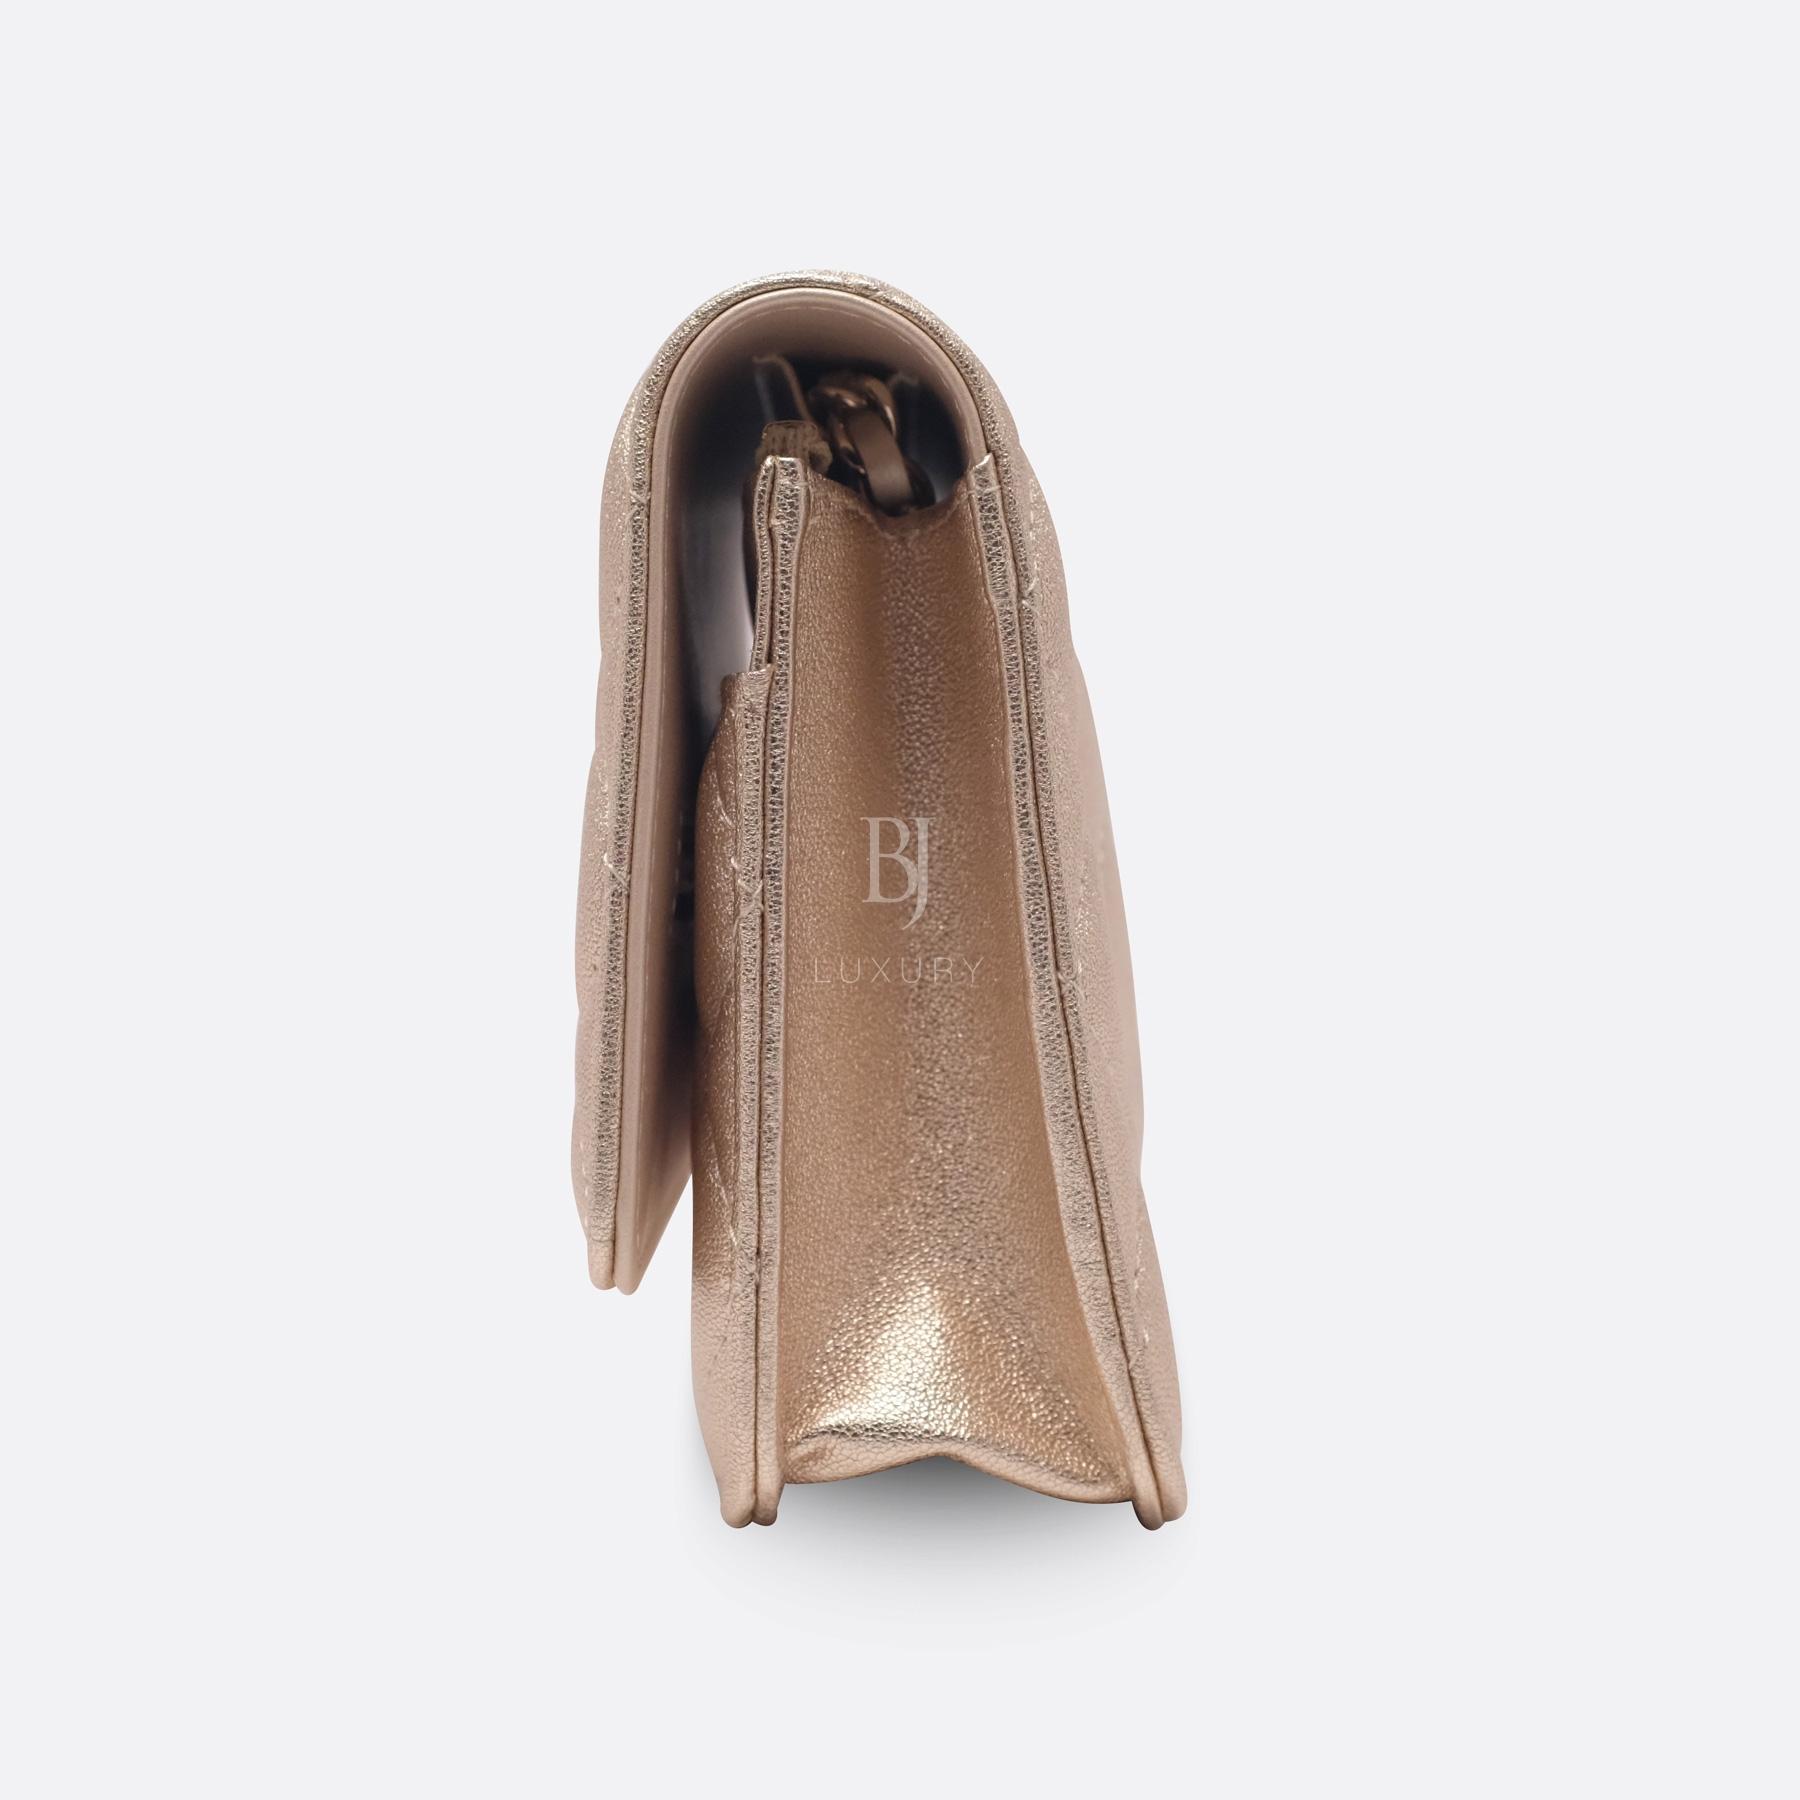 Chanel Wallet on Chain Mini Lambskin Light Gold BJ Luxury 5.jpg